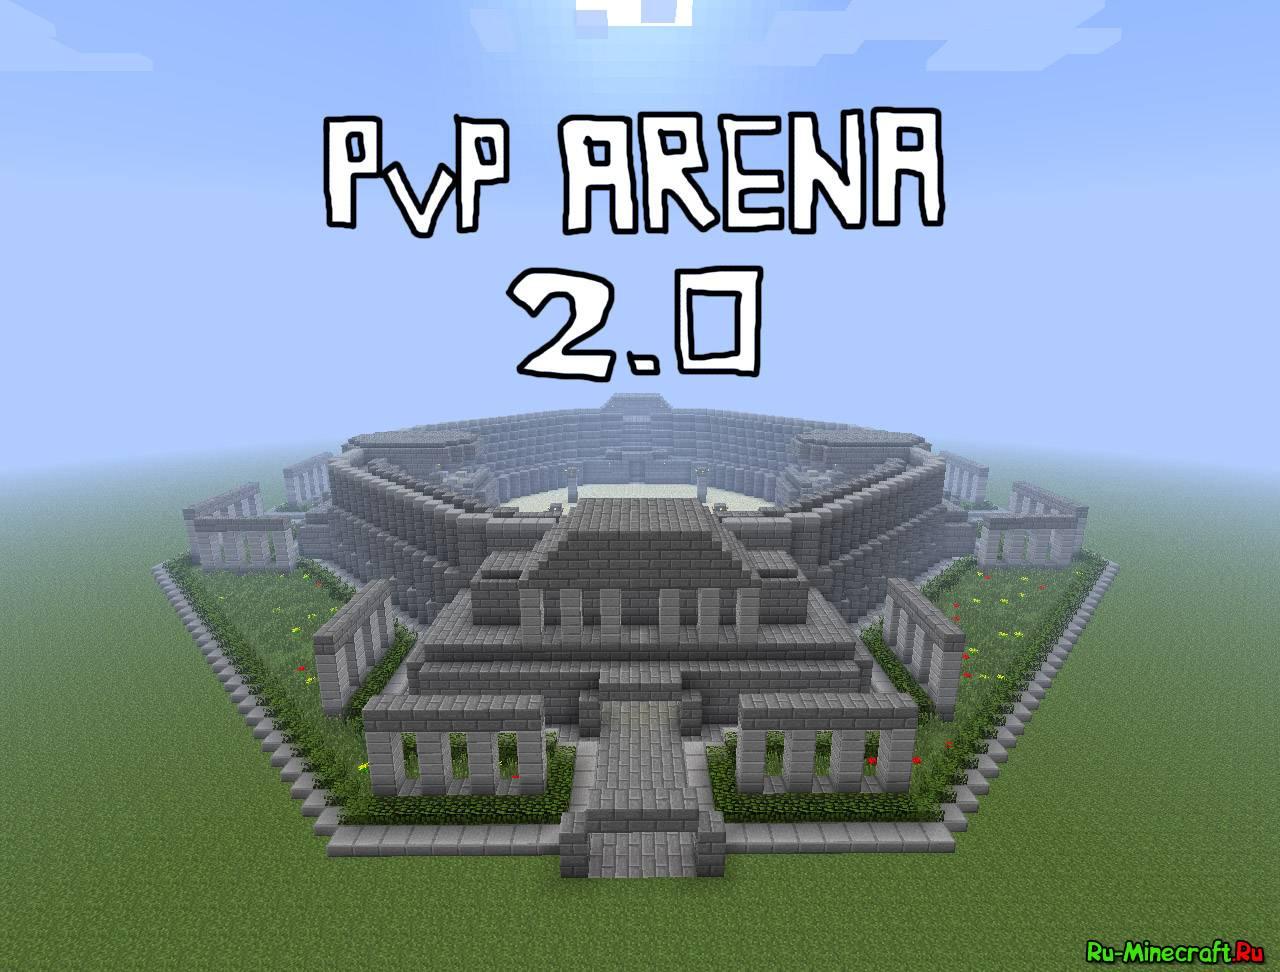 Pvp arena 2 0 новая версия арены для pvp